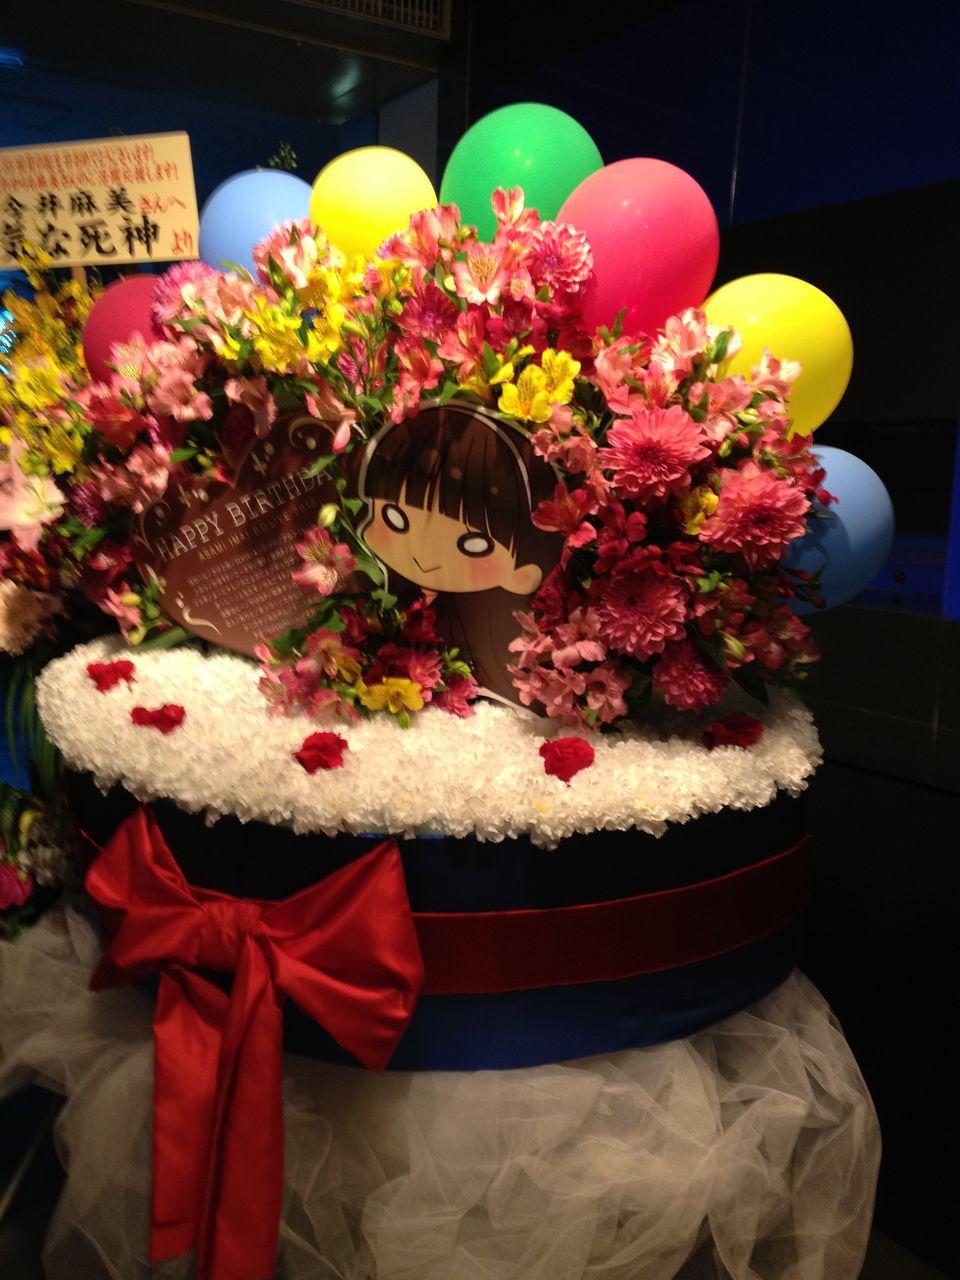 http://livedoor.blogimg.jp/mr_standflower/imgs/a/5/a532ced7.jpg